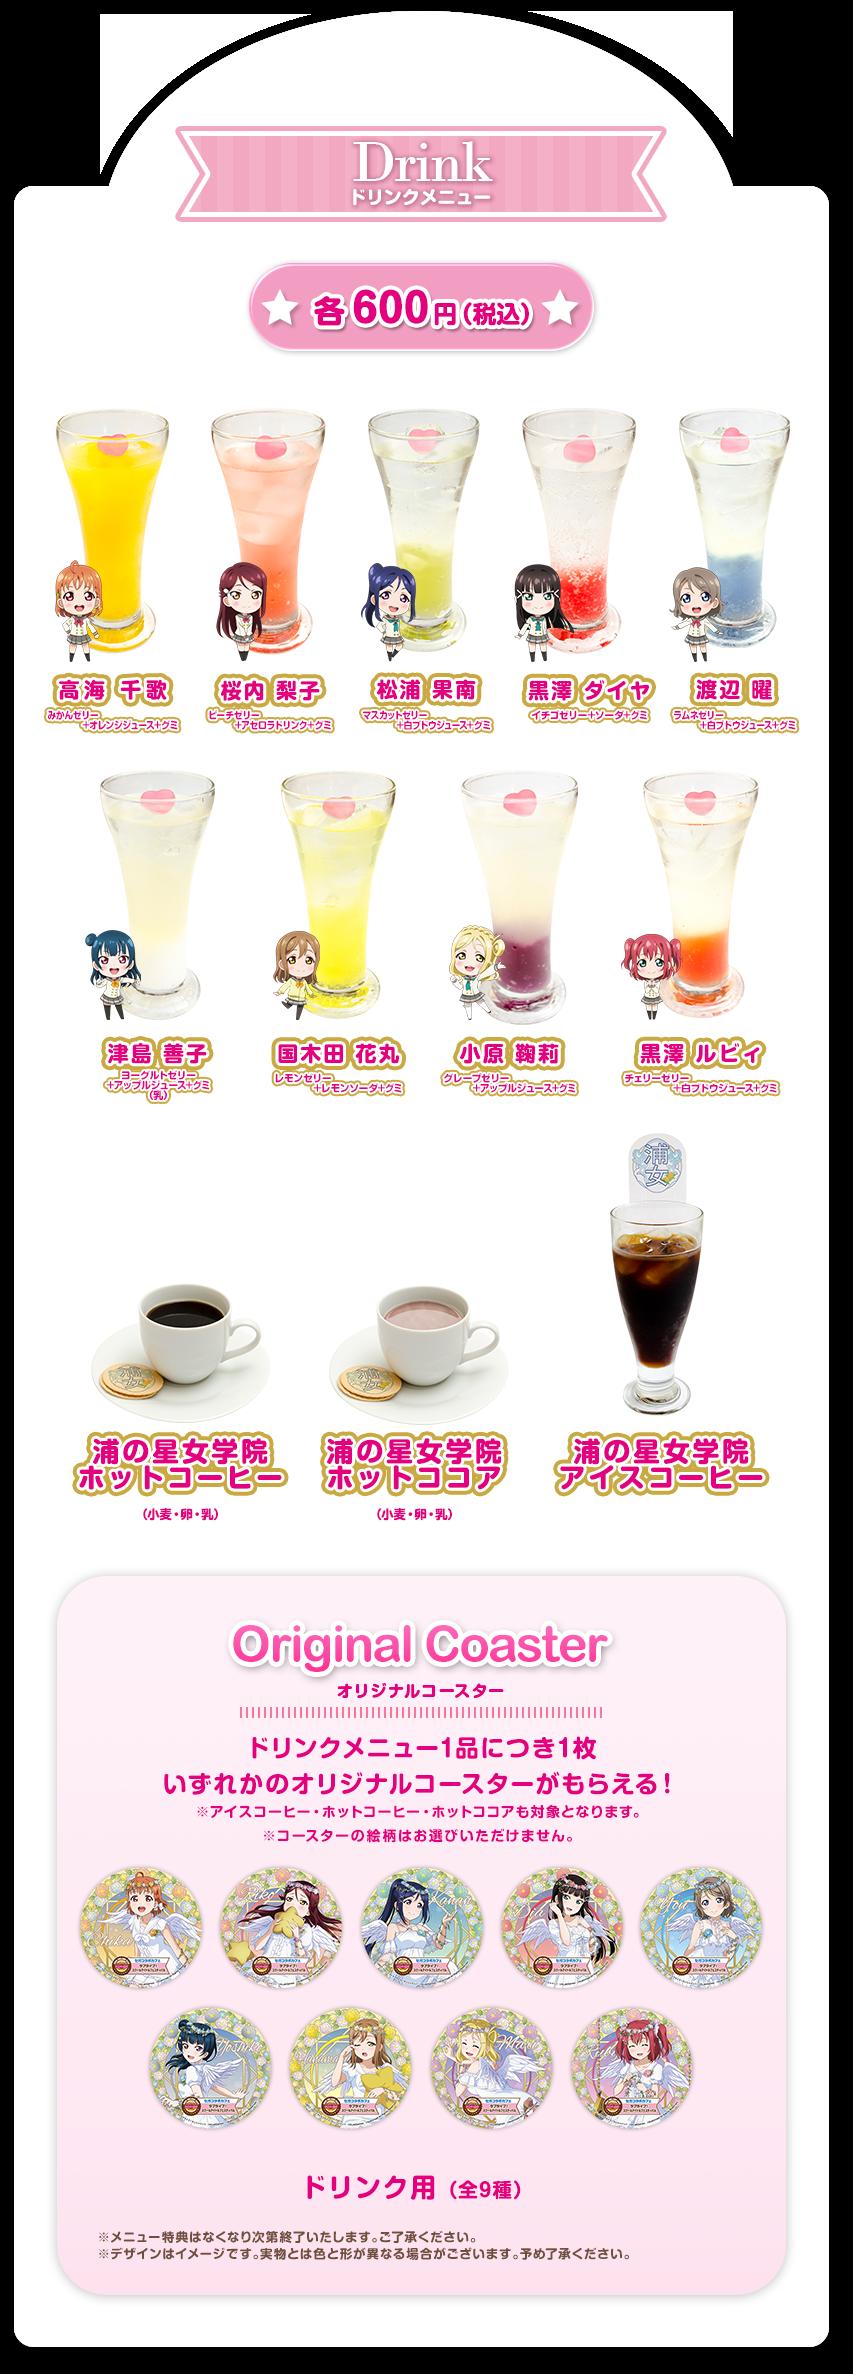 Drink Menu - Phase 2